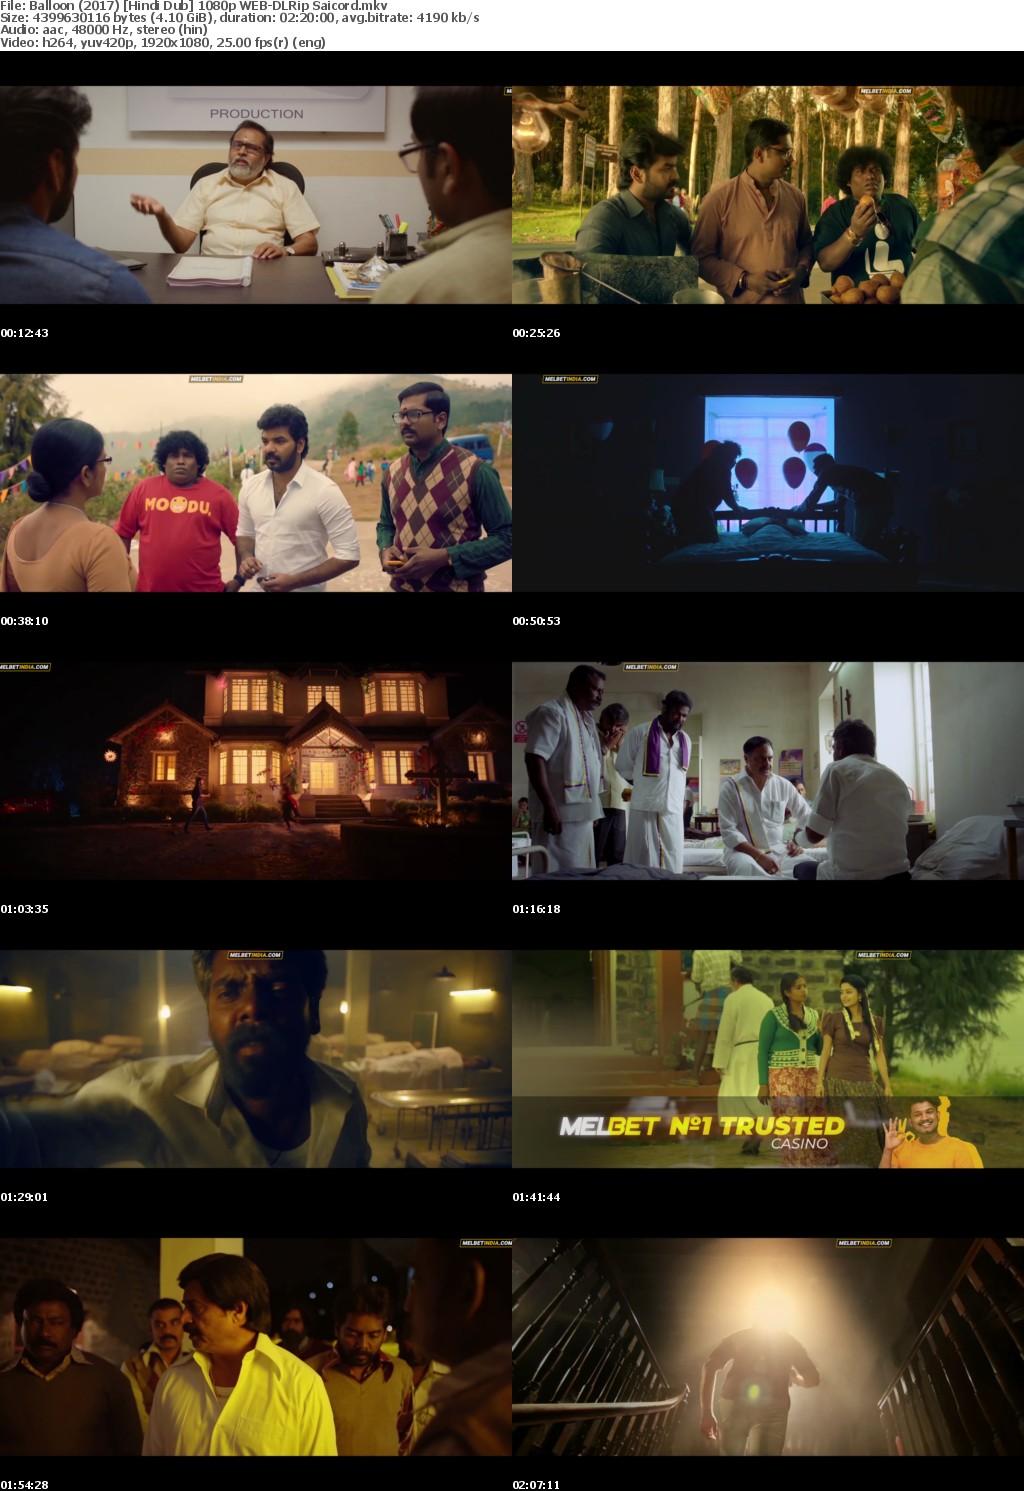 Balloon (2017) Hindi Dub 1080p WEB-DLRip Saicord